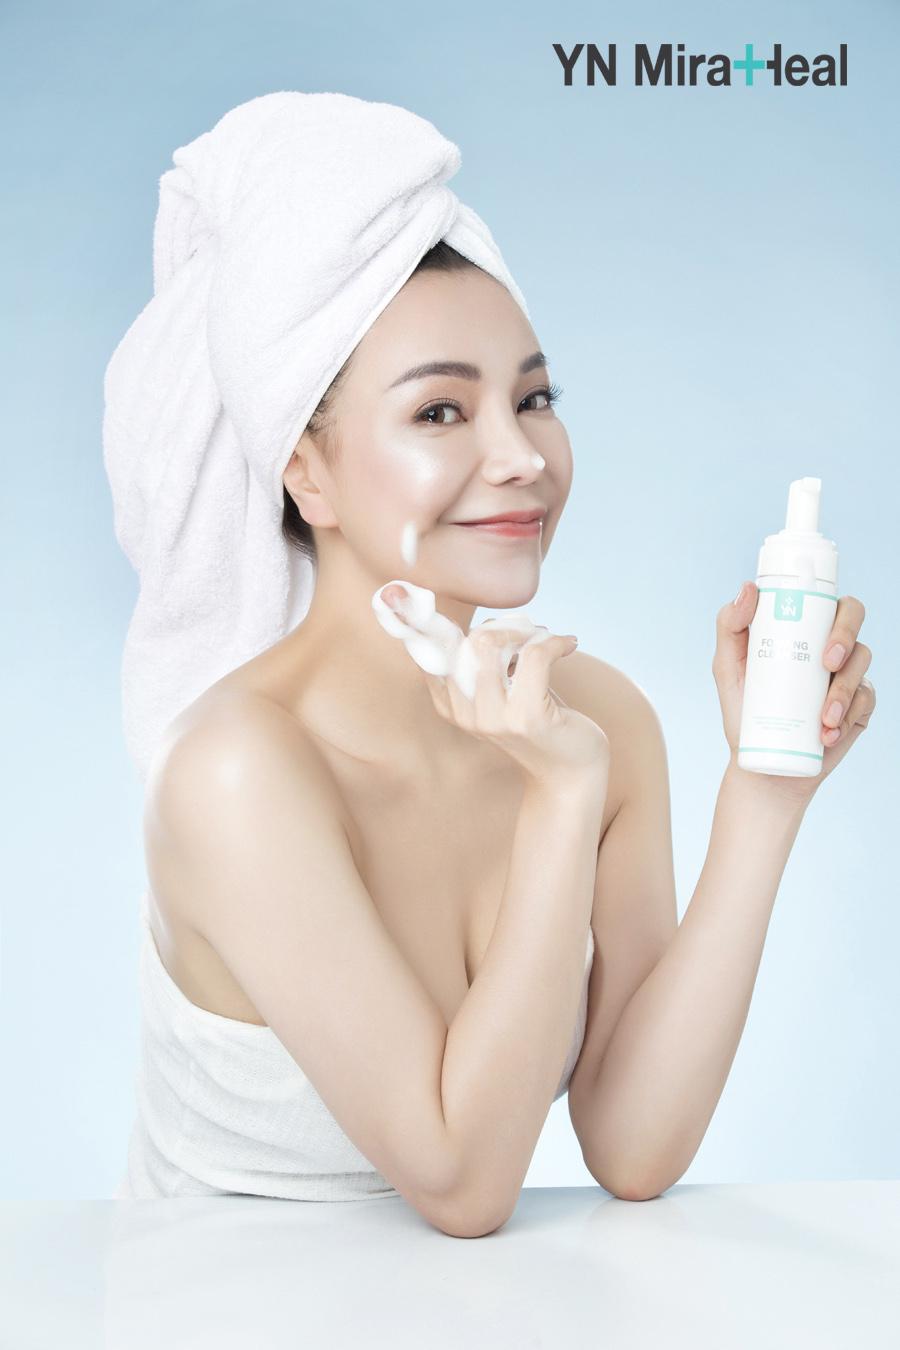 Độ pH của sữa rửa mặt ảnh hưởng trực tiếp đến tình trạng da sau khi rửa mặt